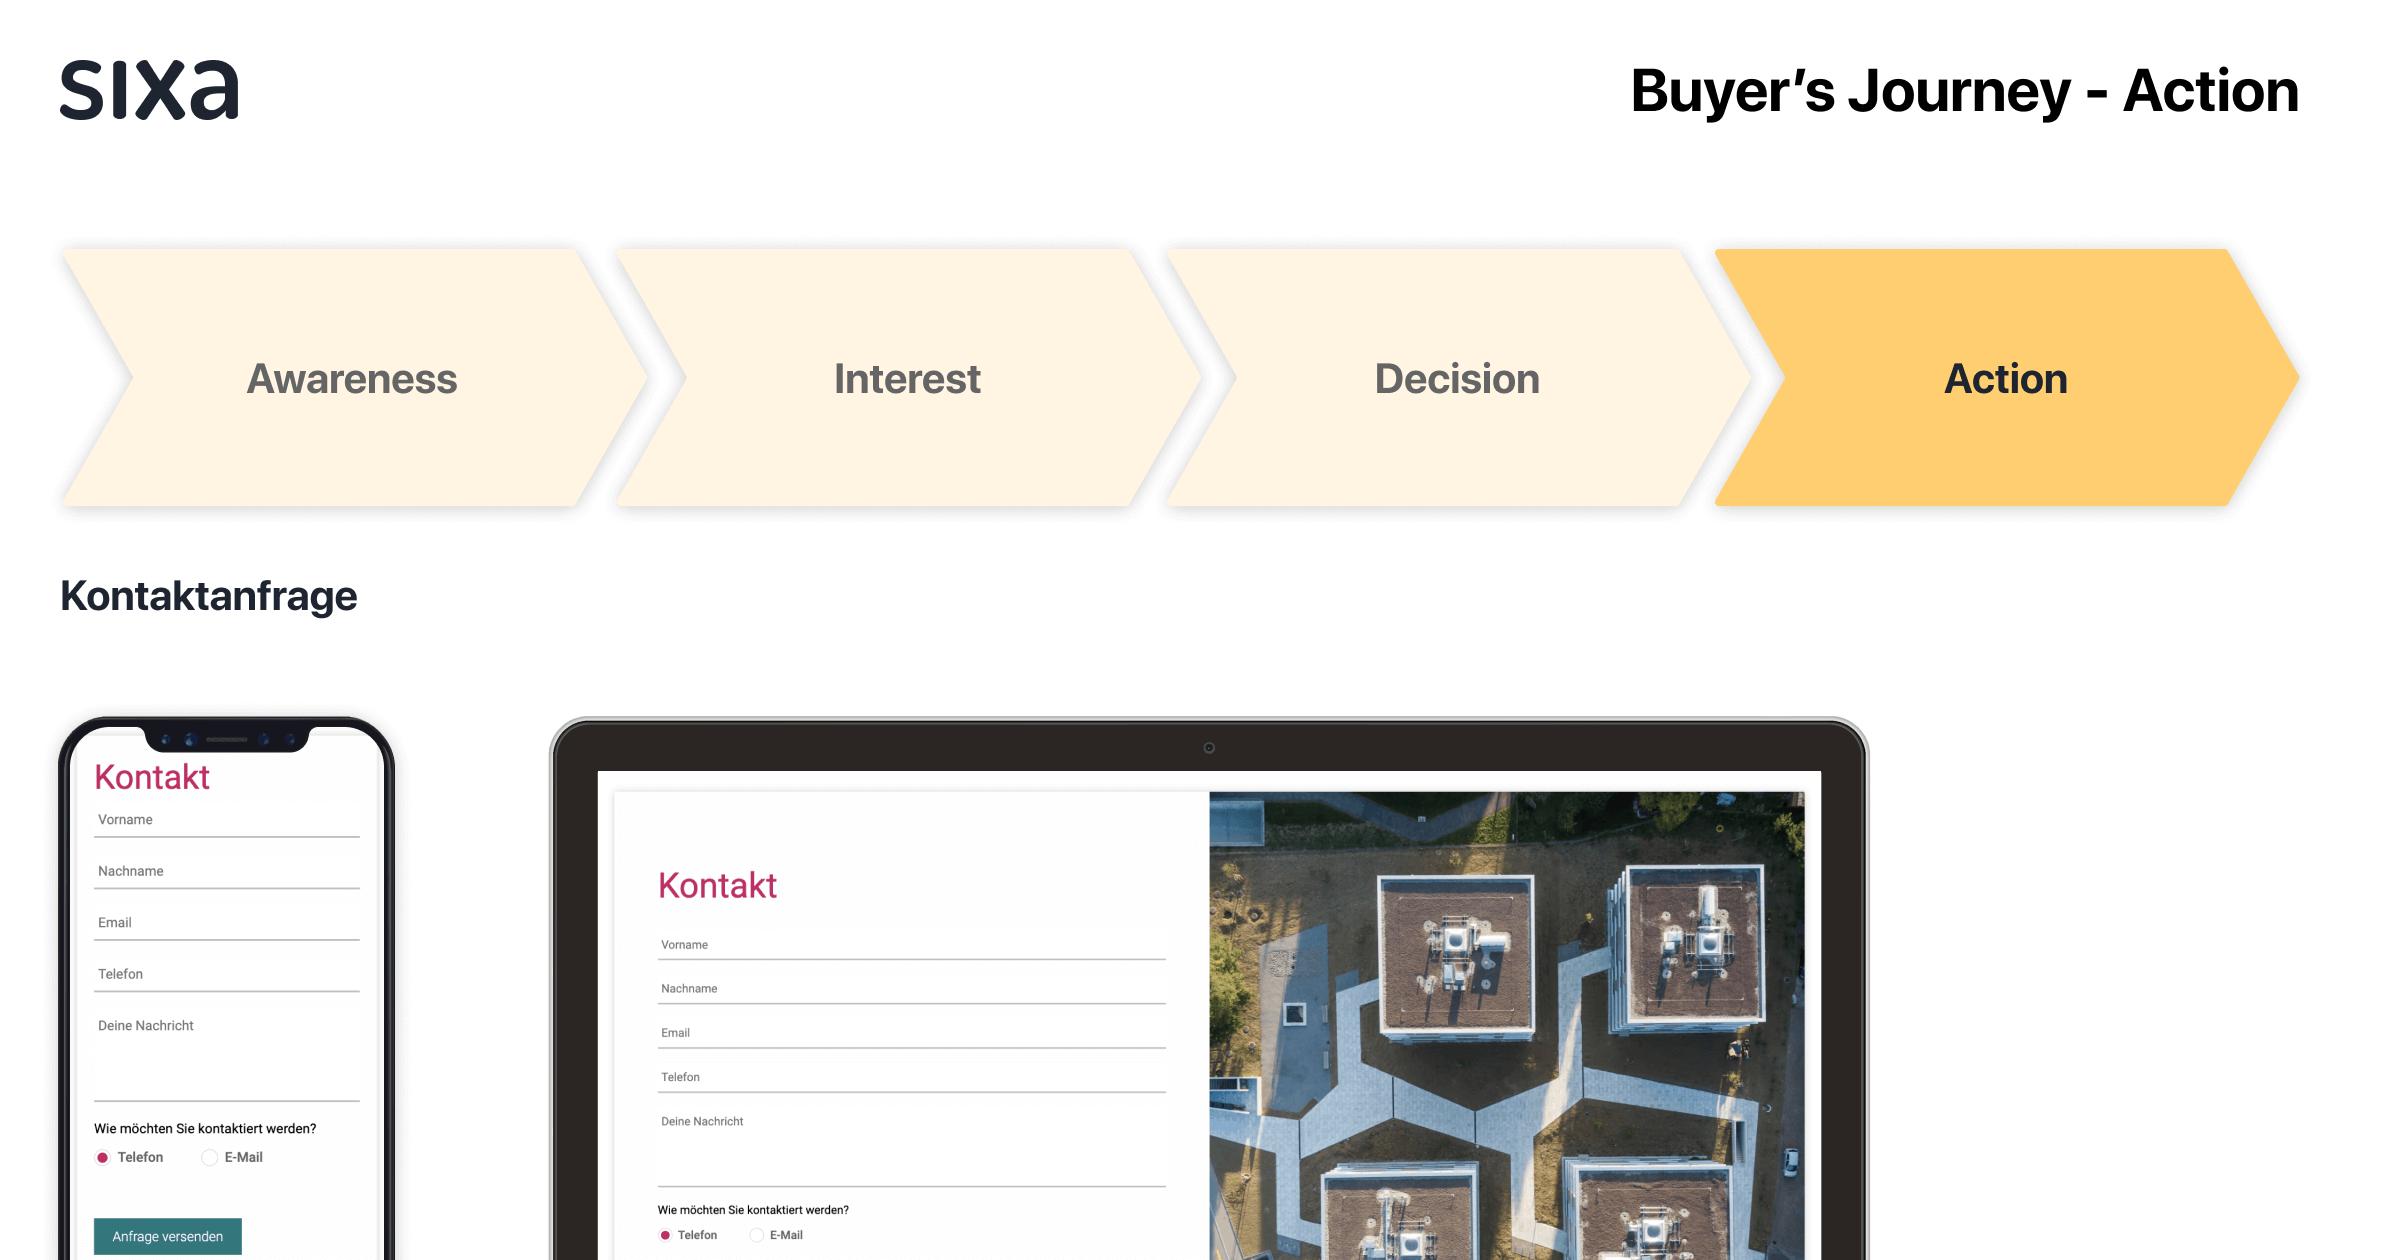 Übersicht Buyer's Journey - Action